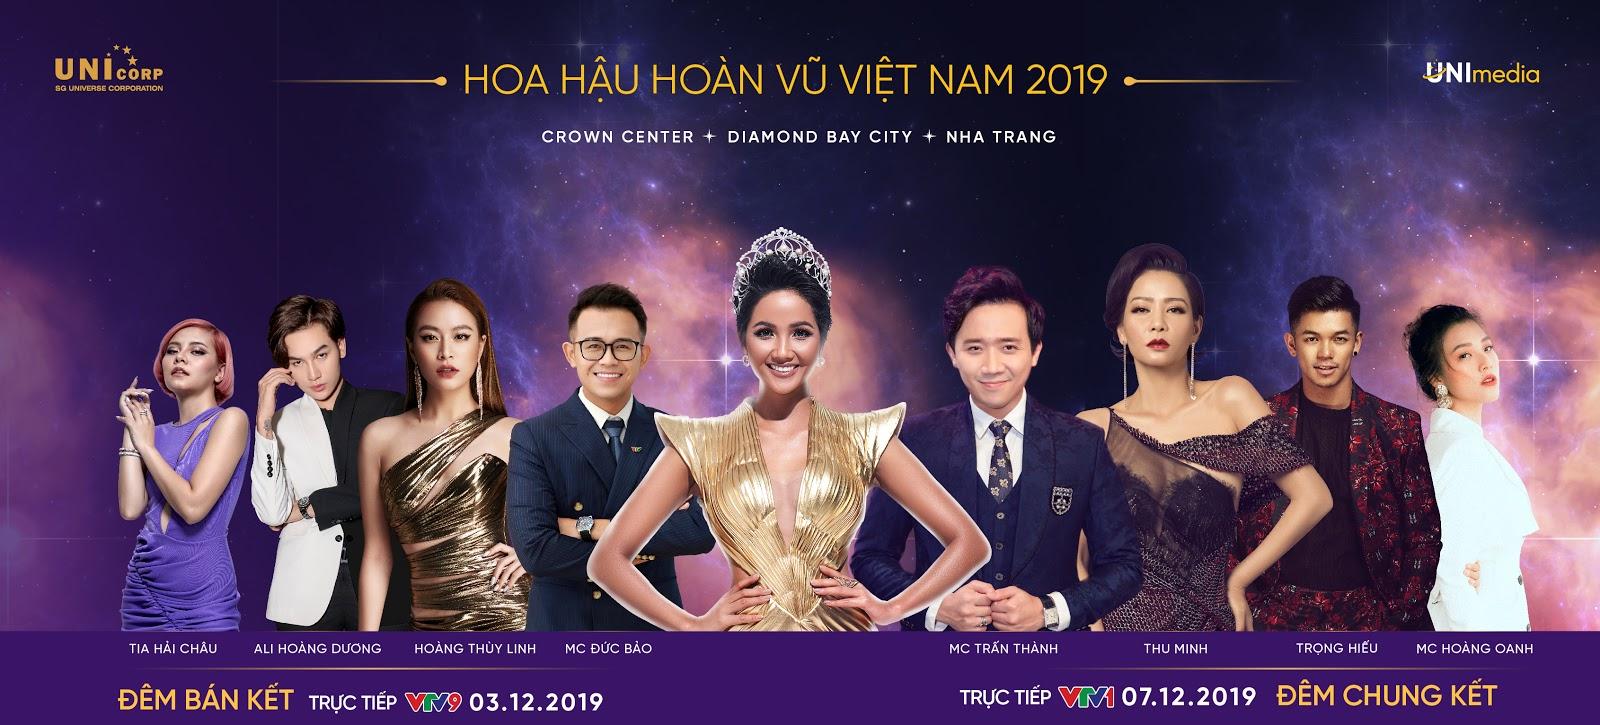 Công bố nghệ sĩ, MC Bán kết và Chung kết Hoa hậu Hoàn vũ Việt Nam 2019, bất ngờ nhất là HHen Niê - Hình 1